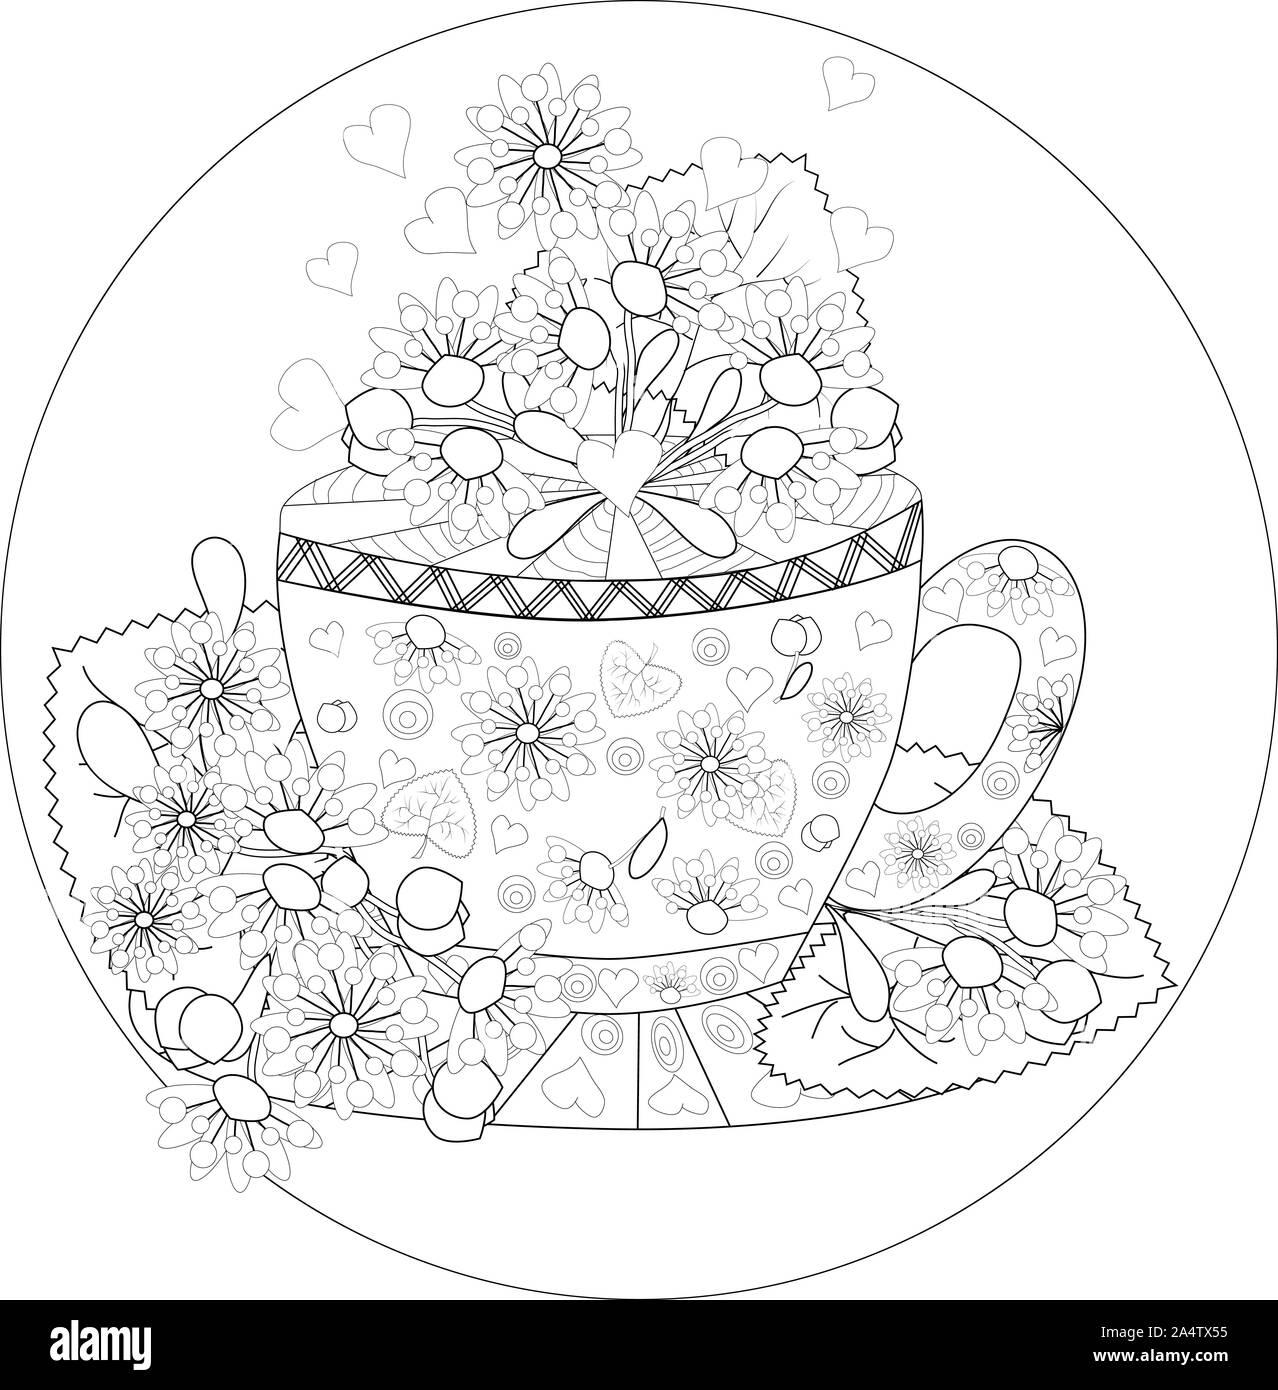 Hand zeichnen Malvorlagen für Erwachsene. Teatime. Tassen Tee